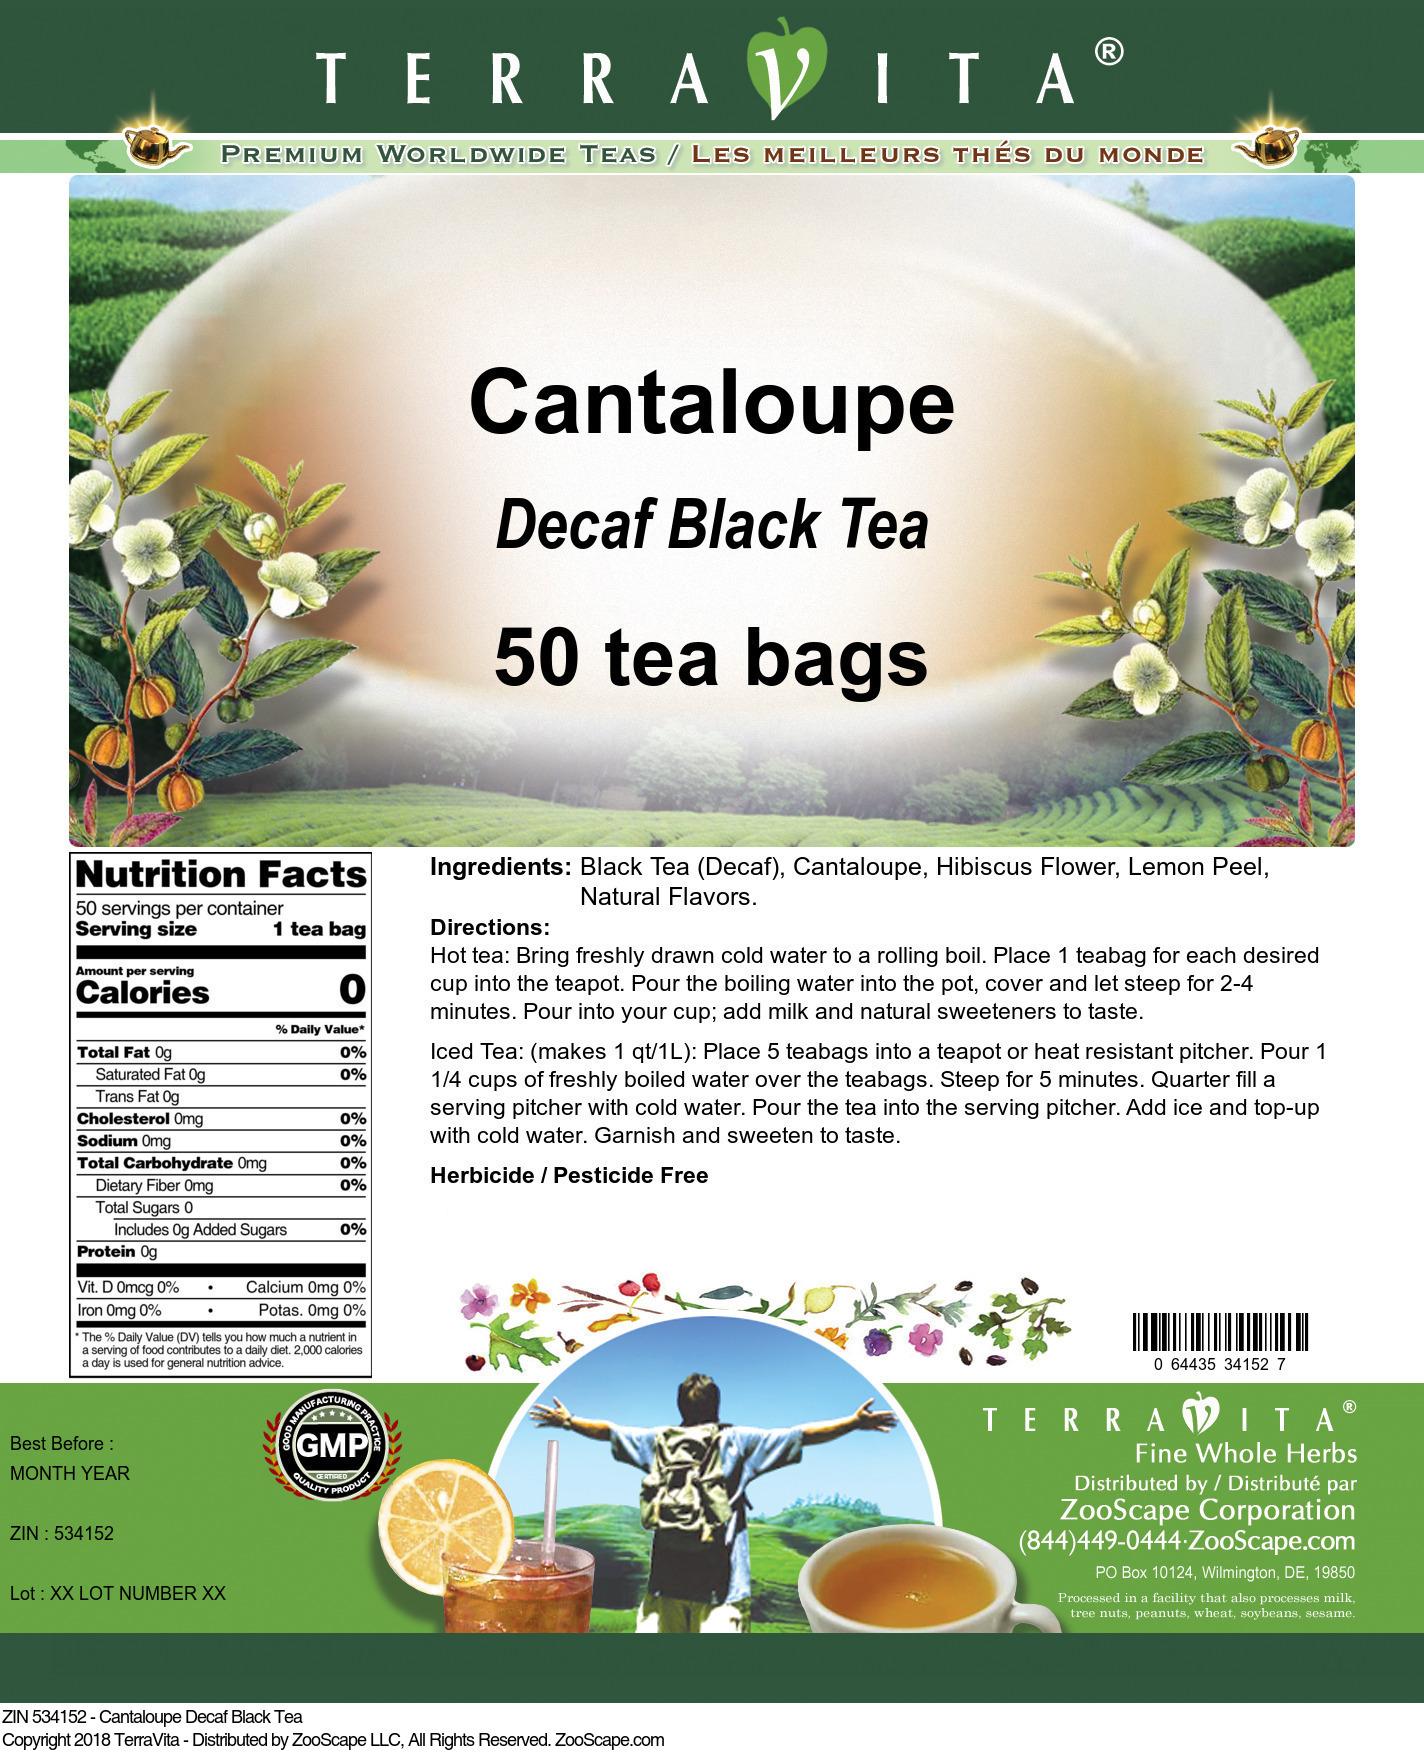 Cantaloupe Decaf Black Tea